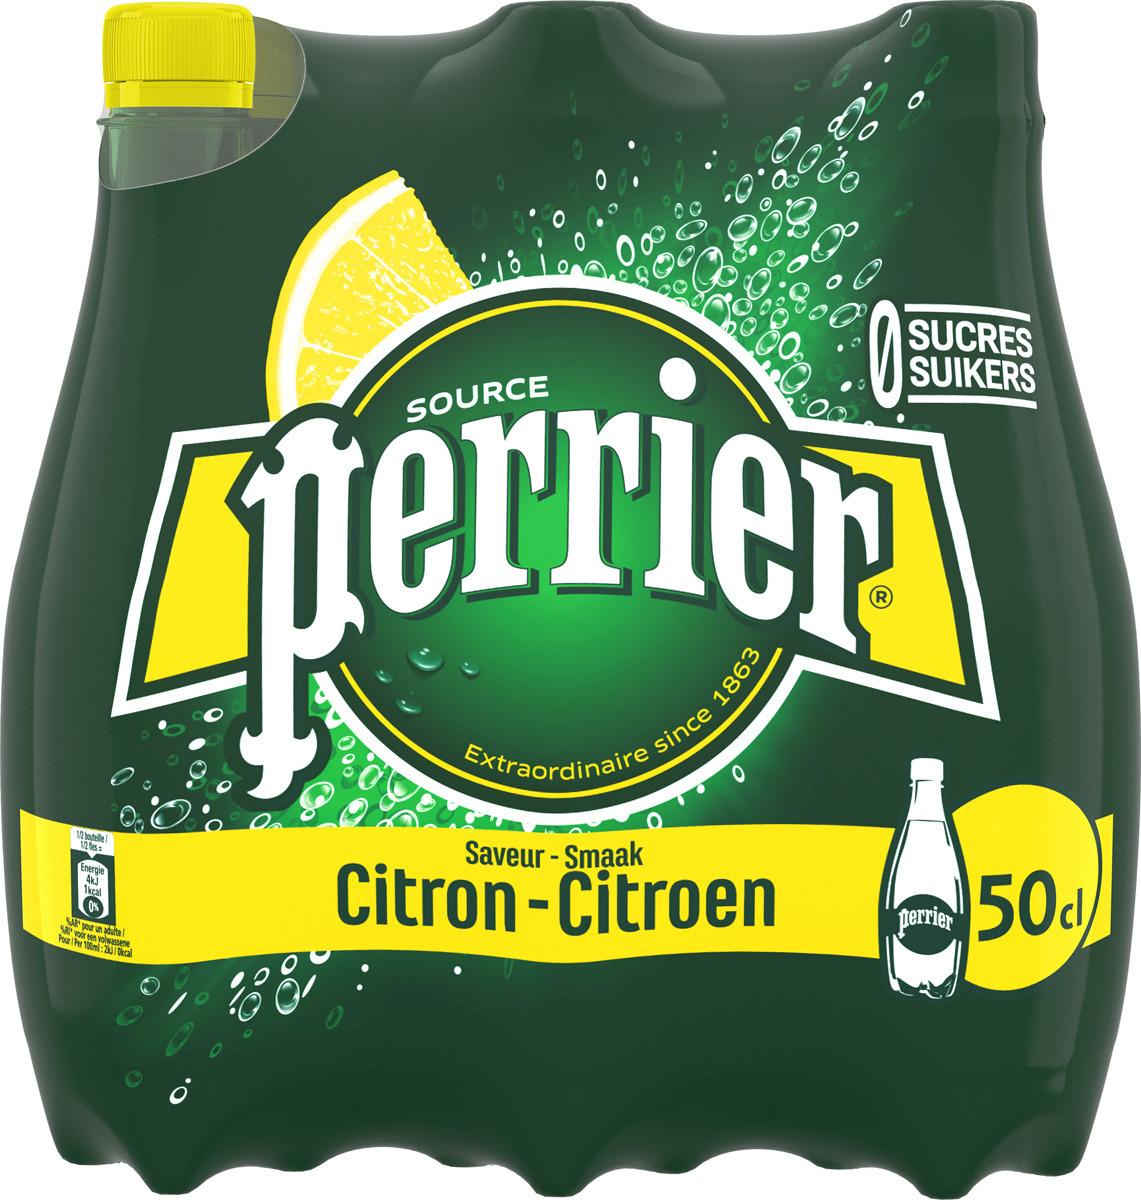 Газированный напиток Perrier с ароматом лимона, 24 шт по 0.5 л